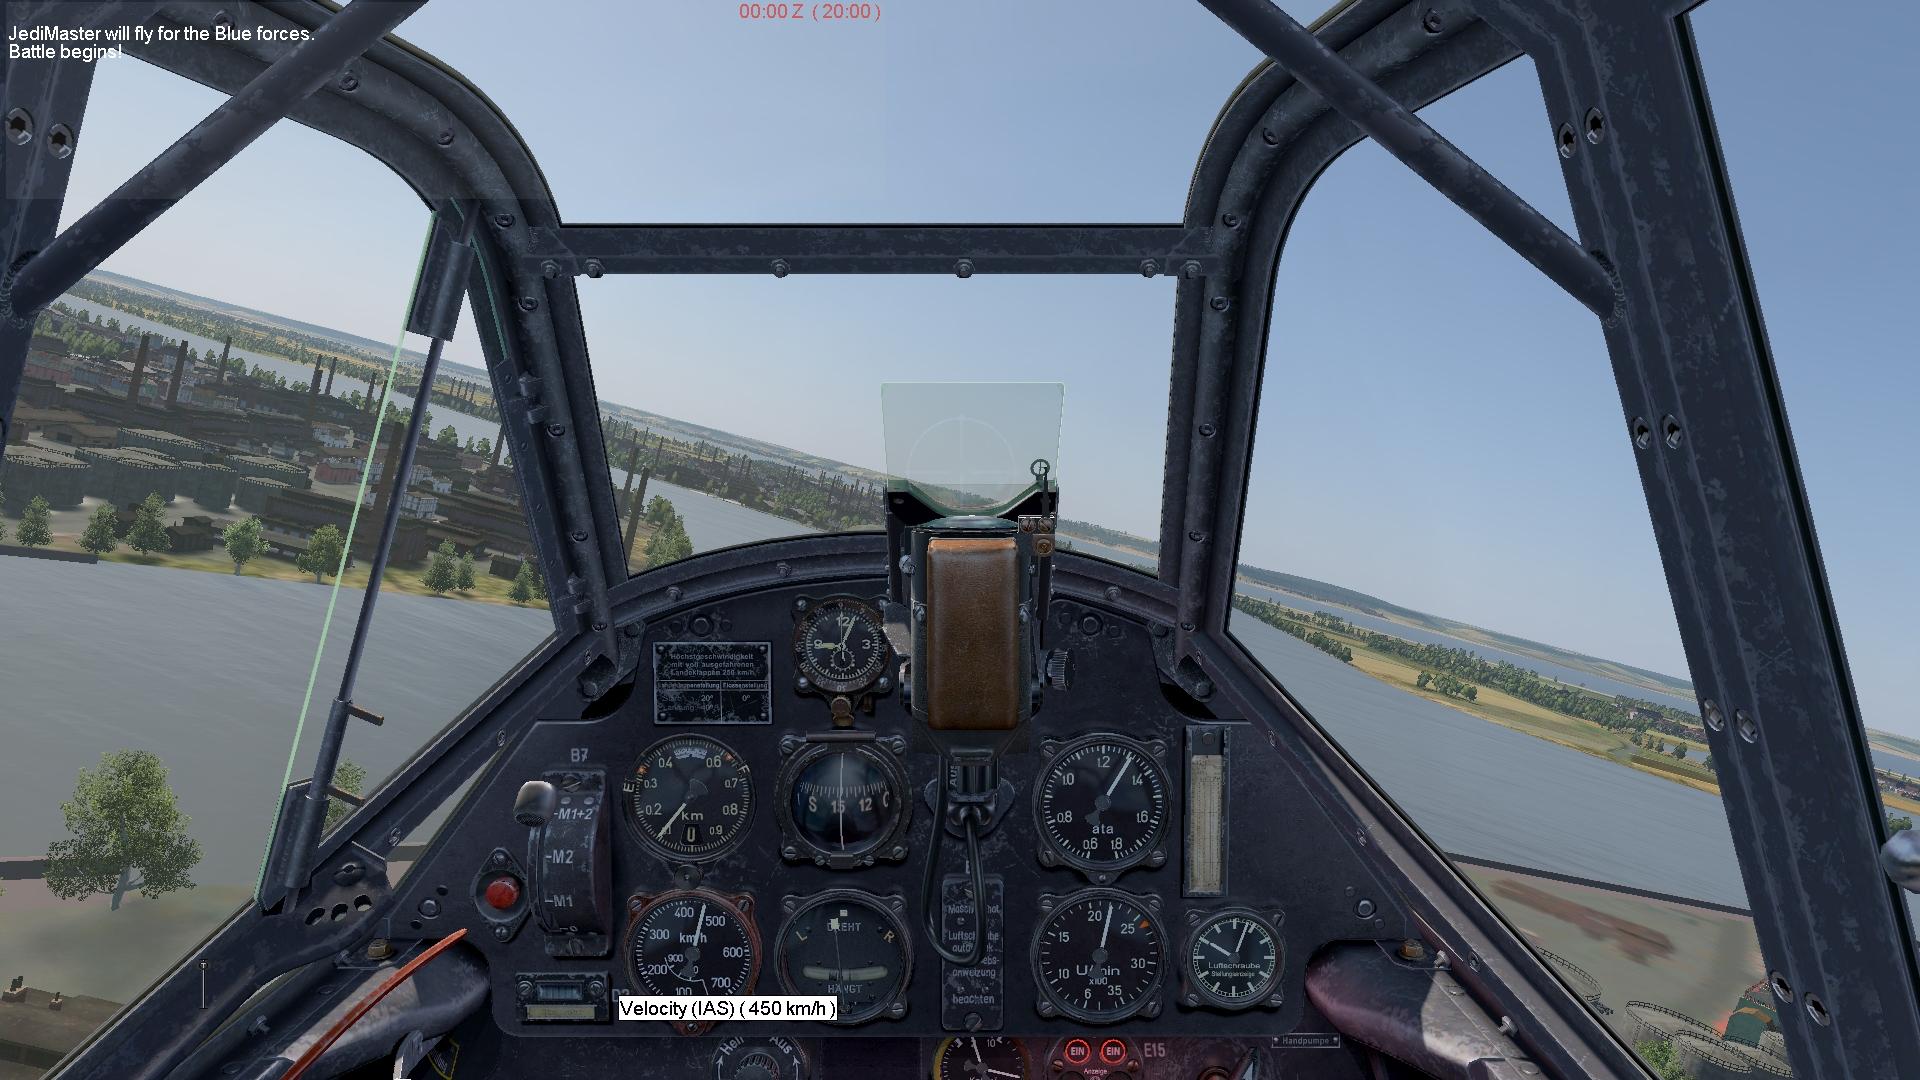 COD Bf109E cockpit